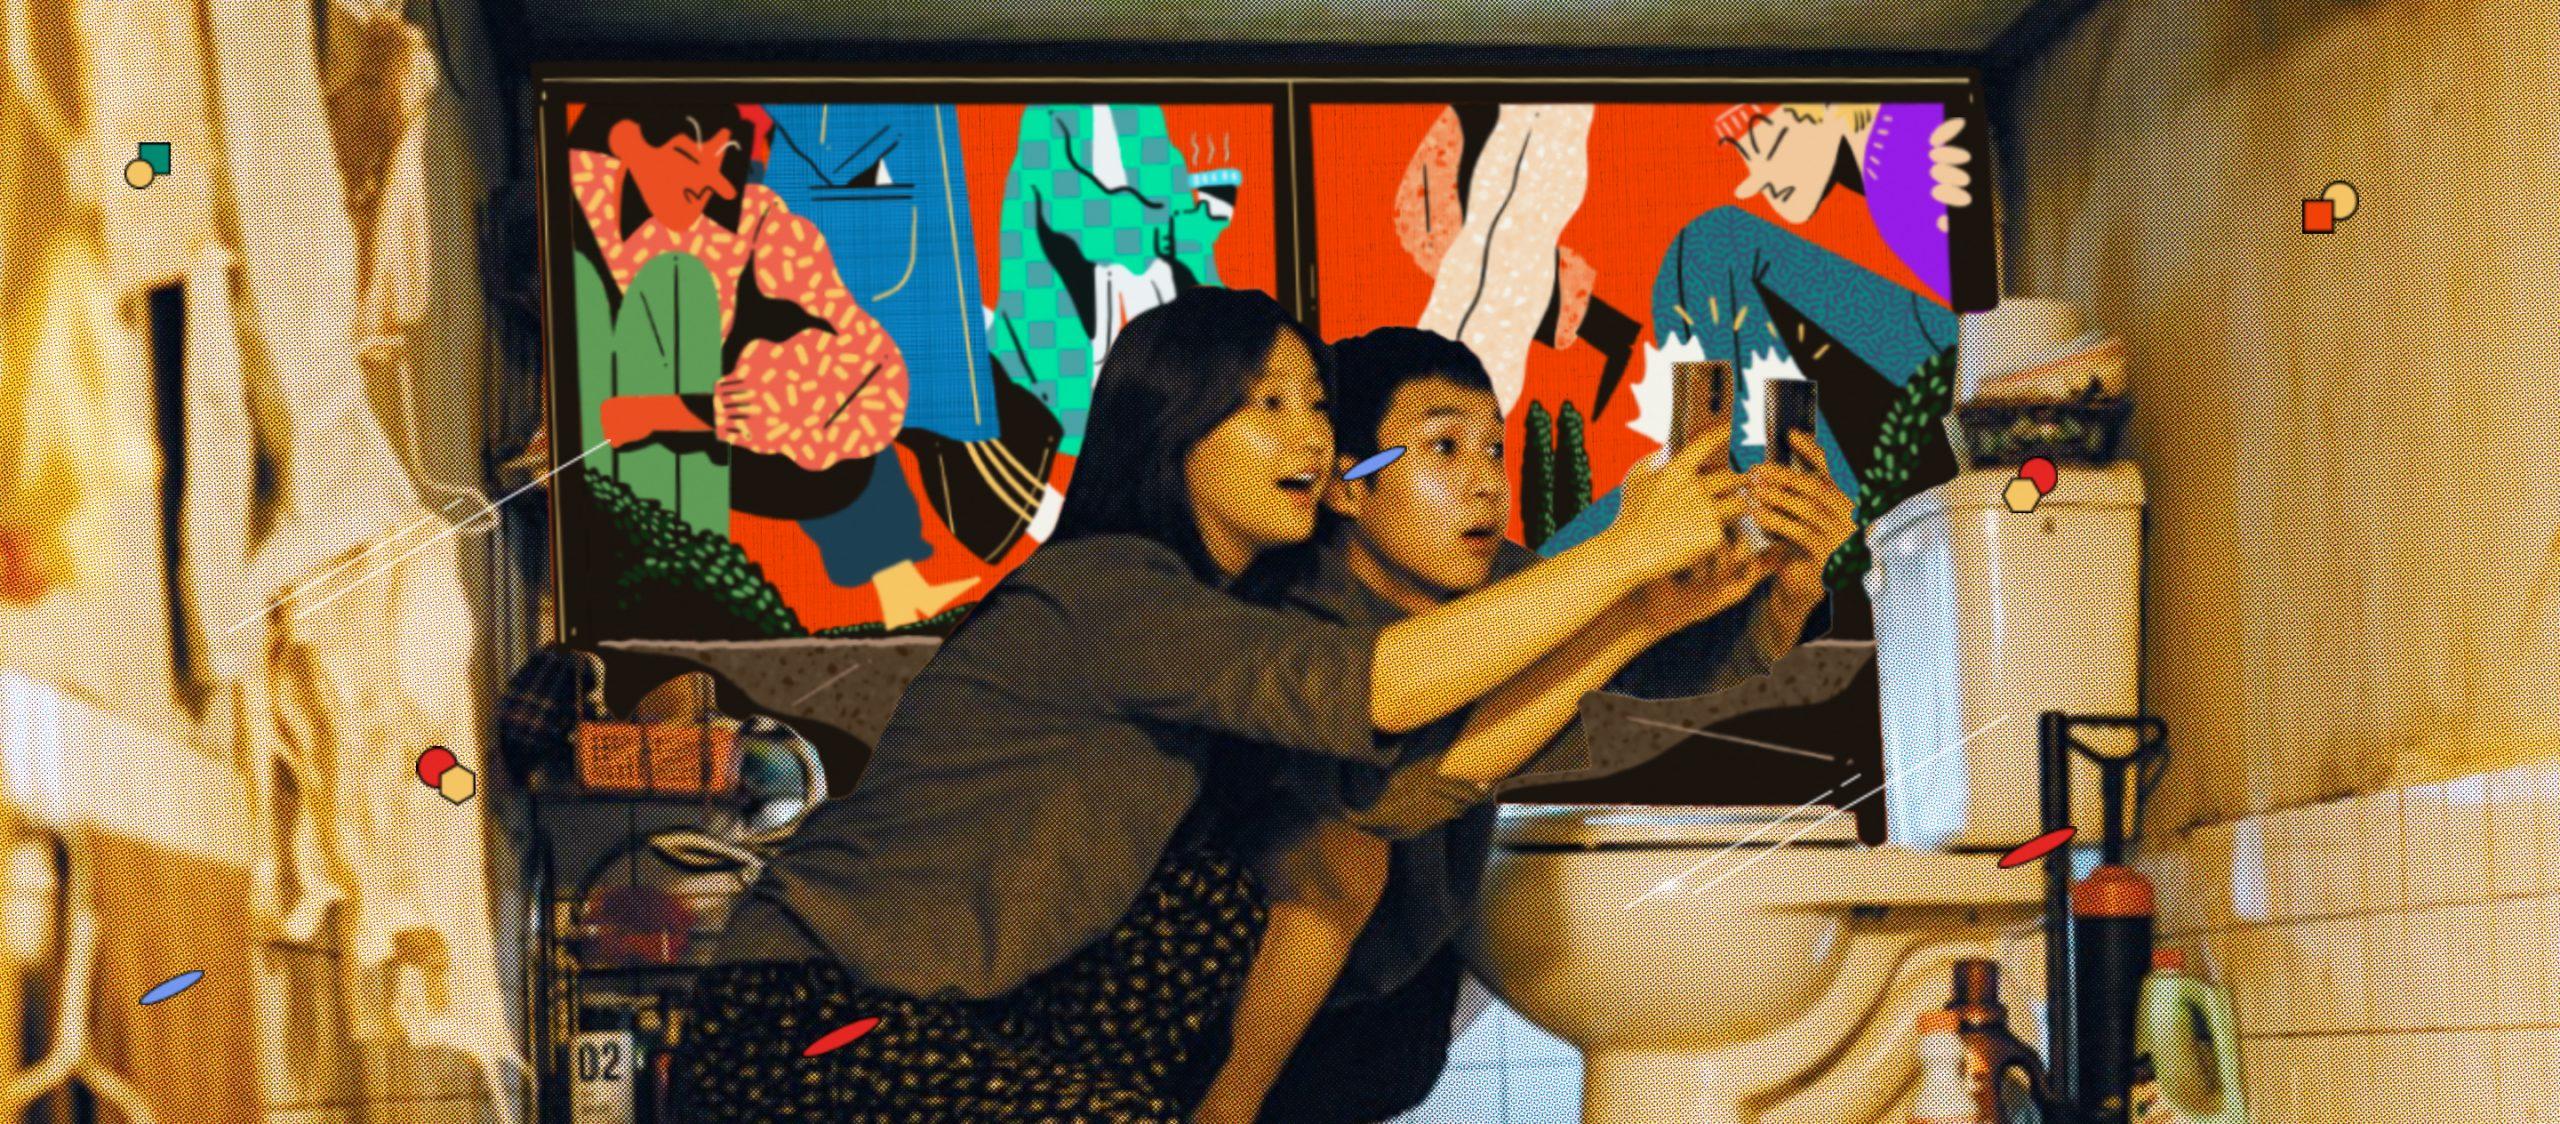 จากแหล่งเชื้อราสู่คาเฟ่ฮิป มอง 'พันจีฮา' หรือ 'ชั้นกึ่งใต้ดิน' ผ่านหนัง ซีรีส์ และวิถีชีวิตคนเกาหลีใต้